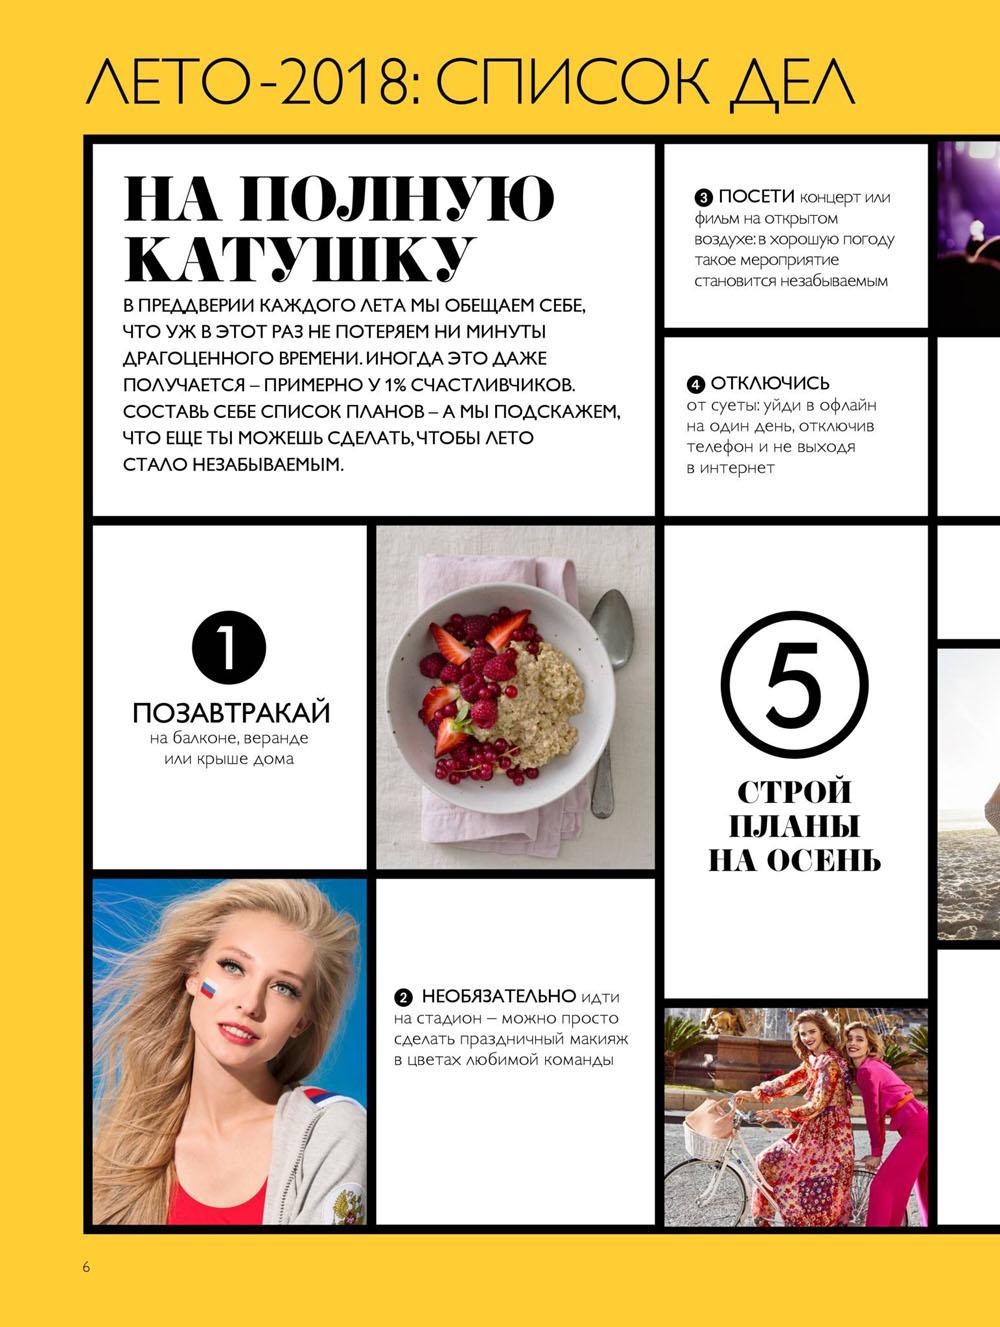 Старица 6, книга красоты Орифлейм Лето 2018, Россия